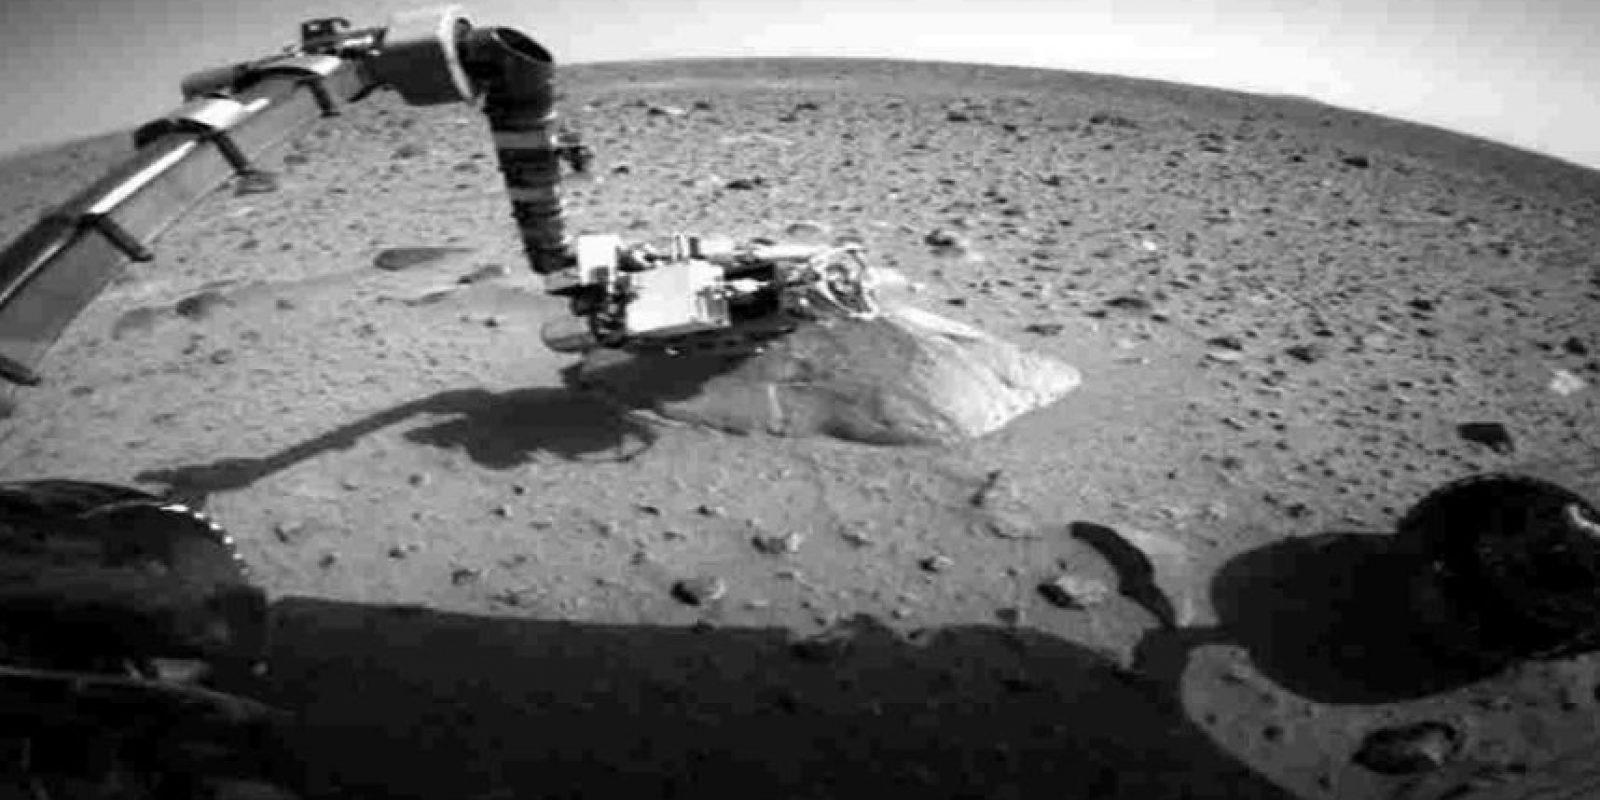 La NASA estudia la posibilidad de poner a hibernar a los astronautas durante un supuesto viaje a Marte. Foto:Getty Images